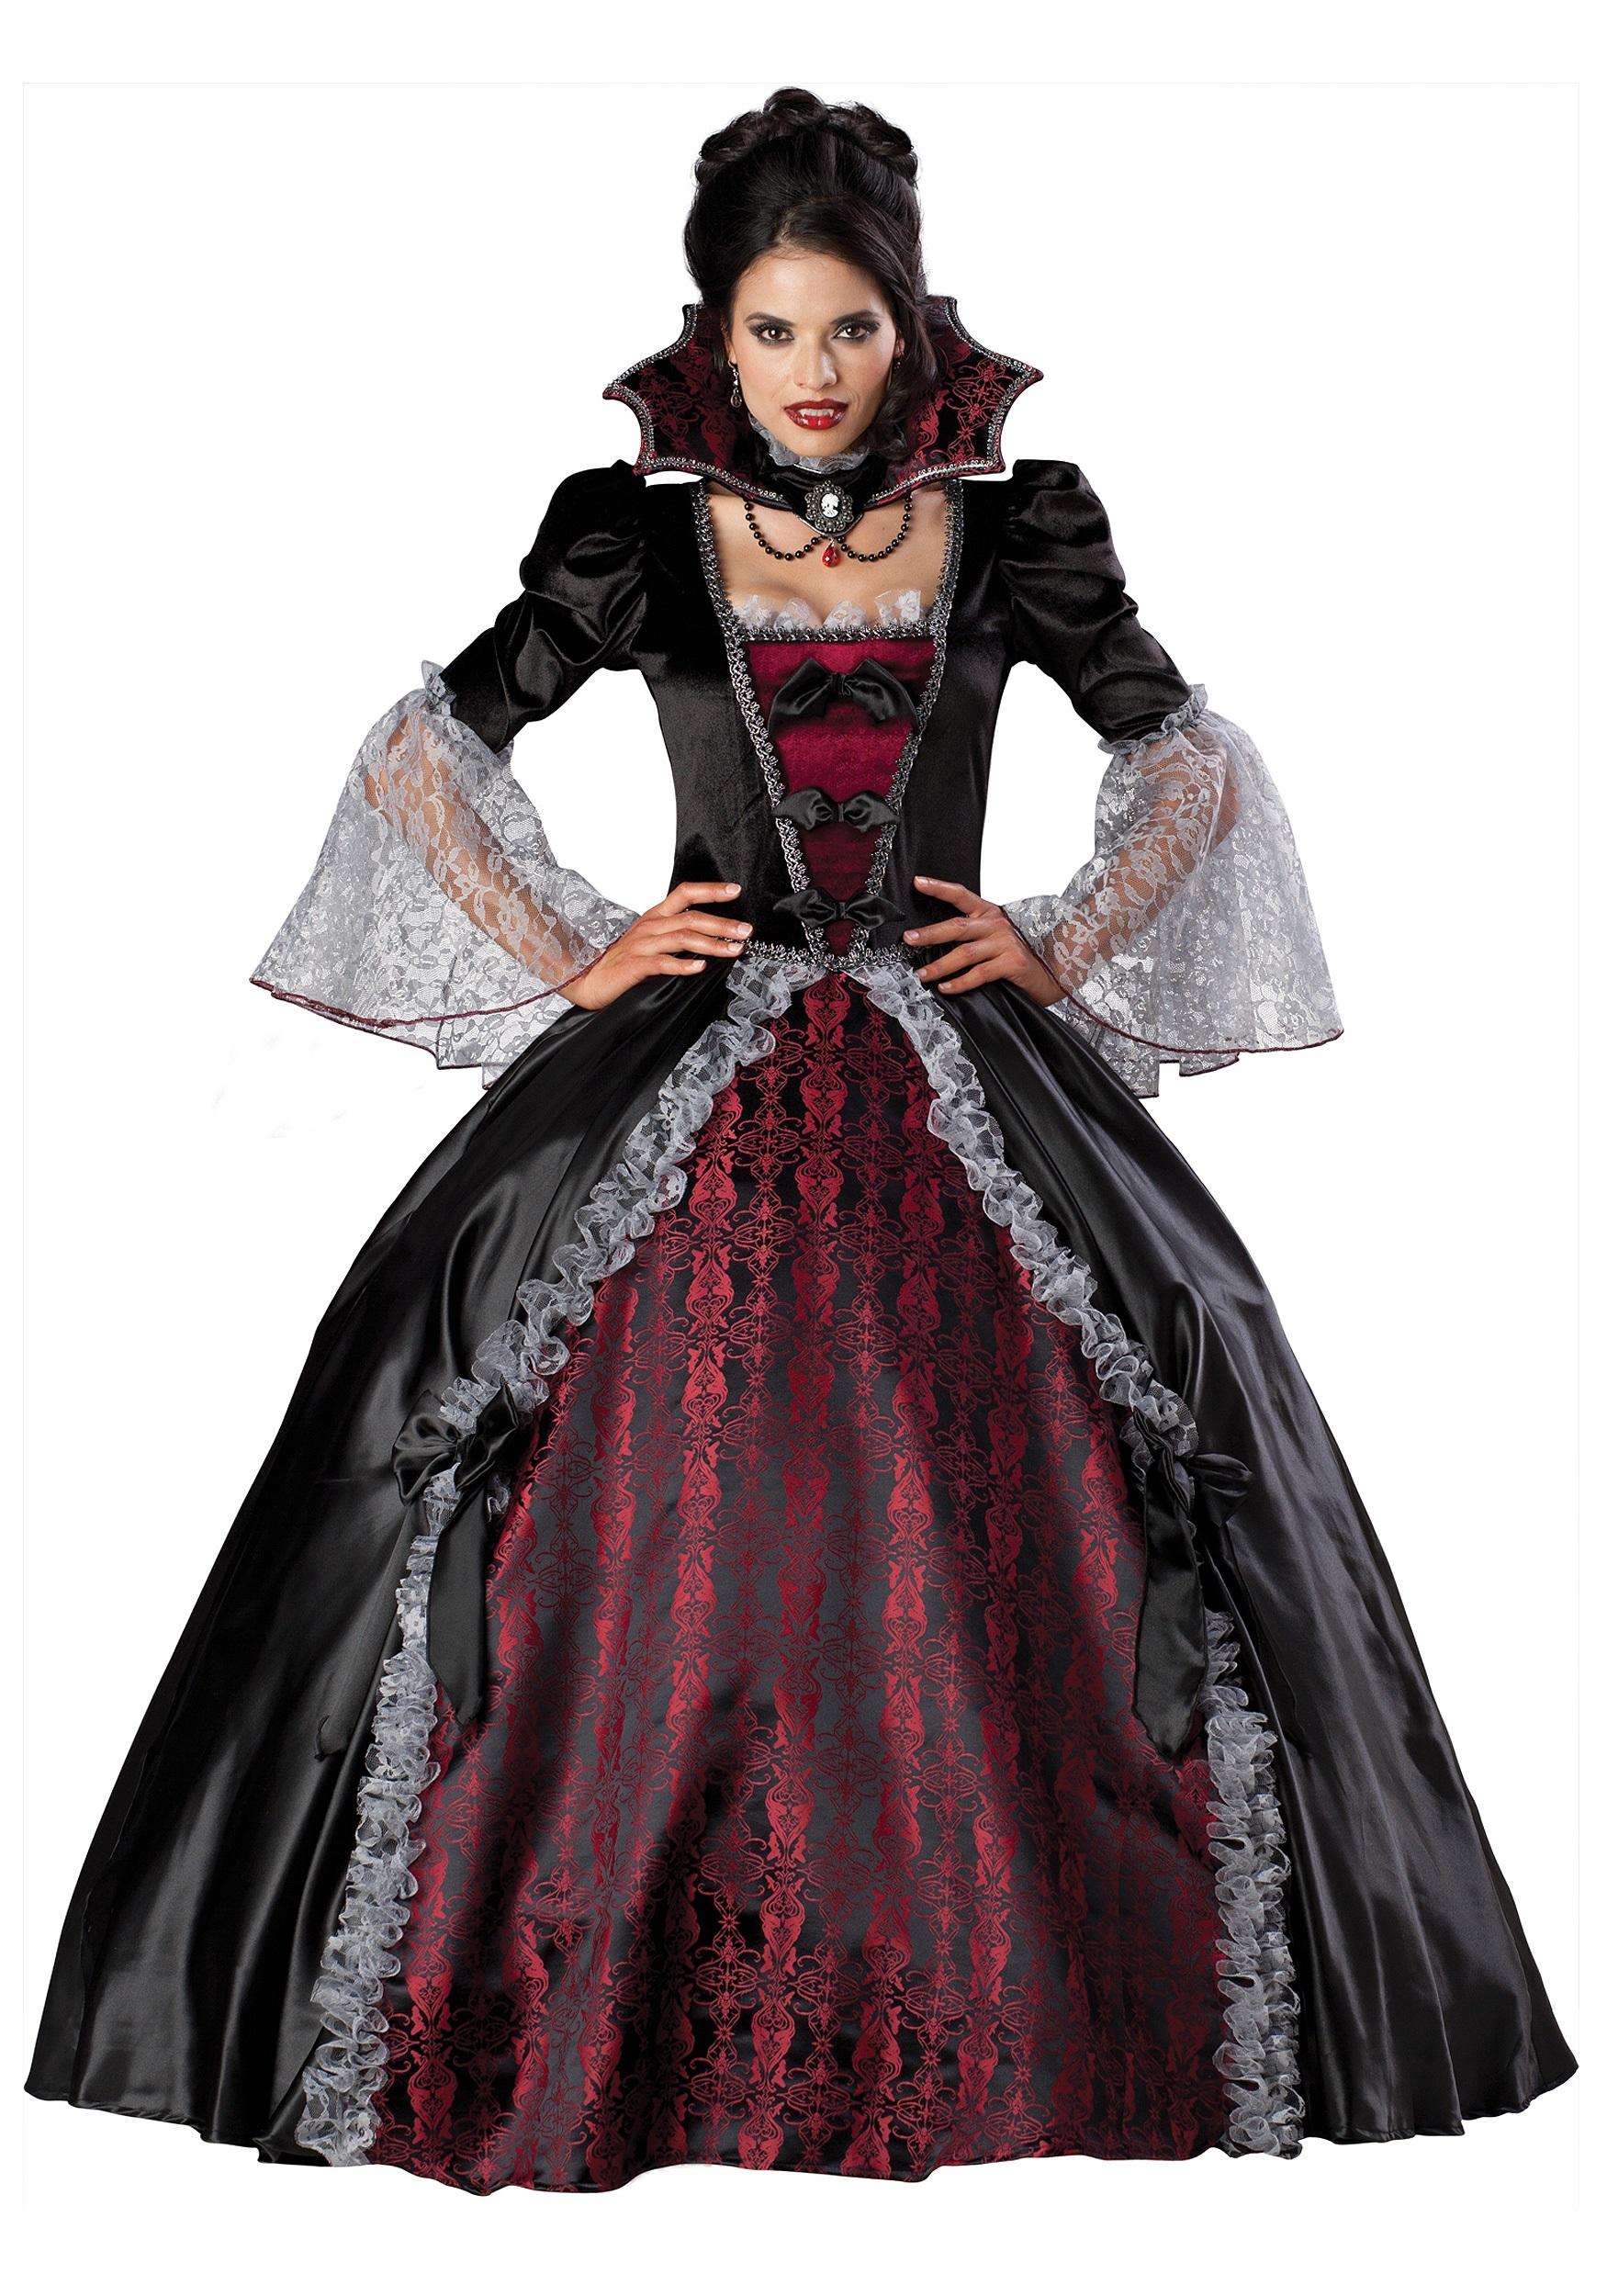 cfcf384973842 Versailles Vampiress Costume